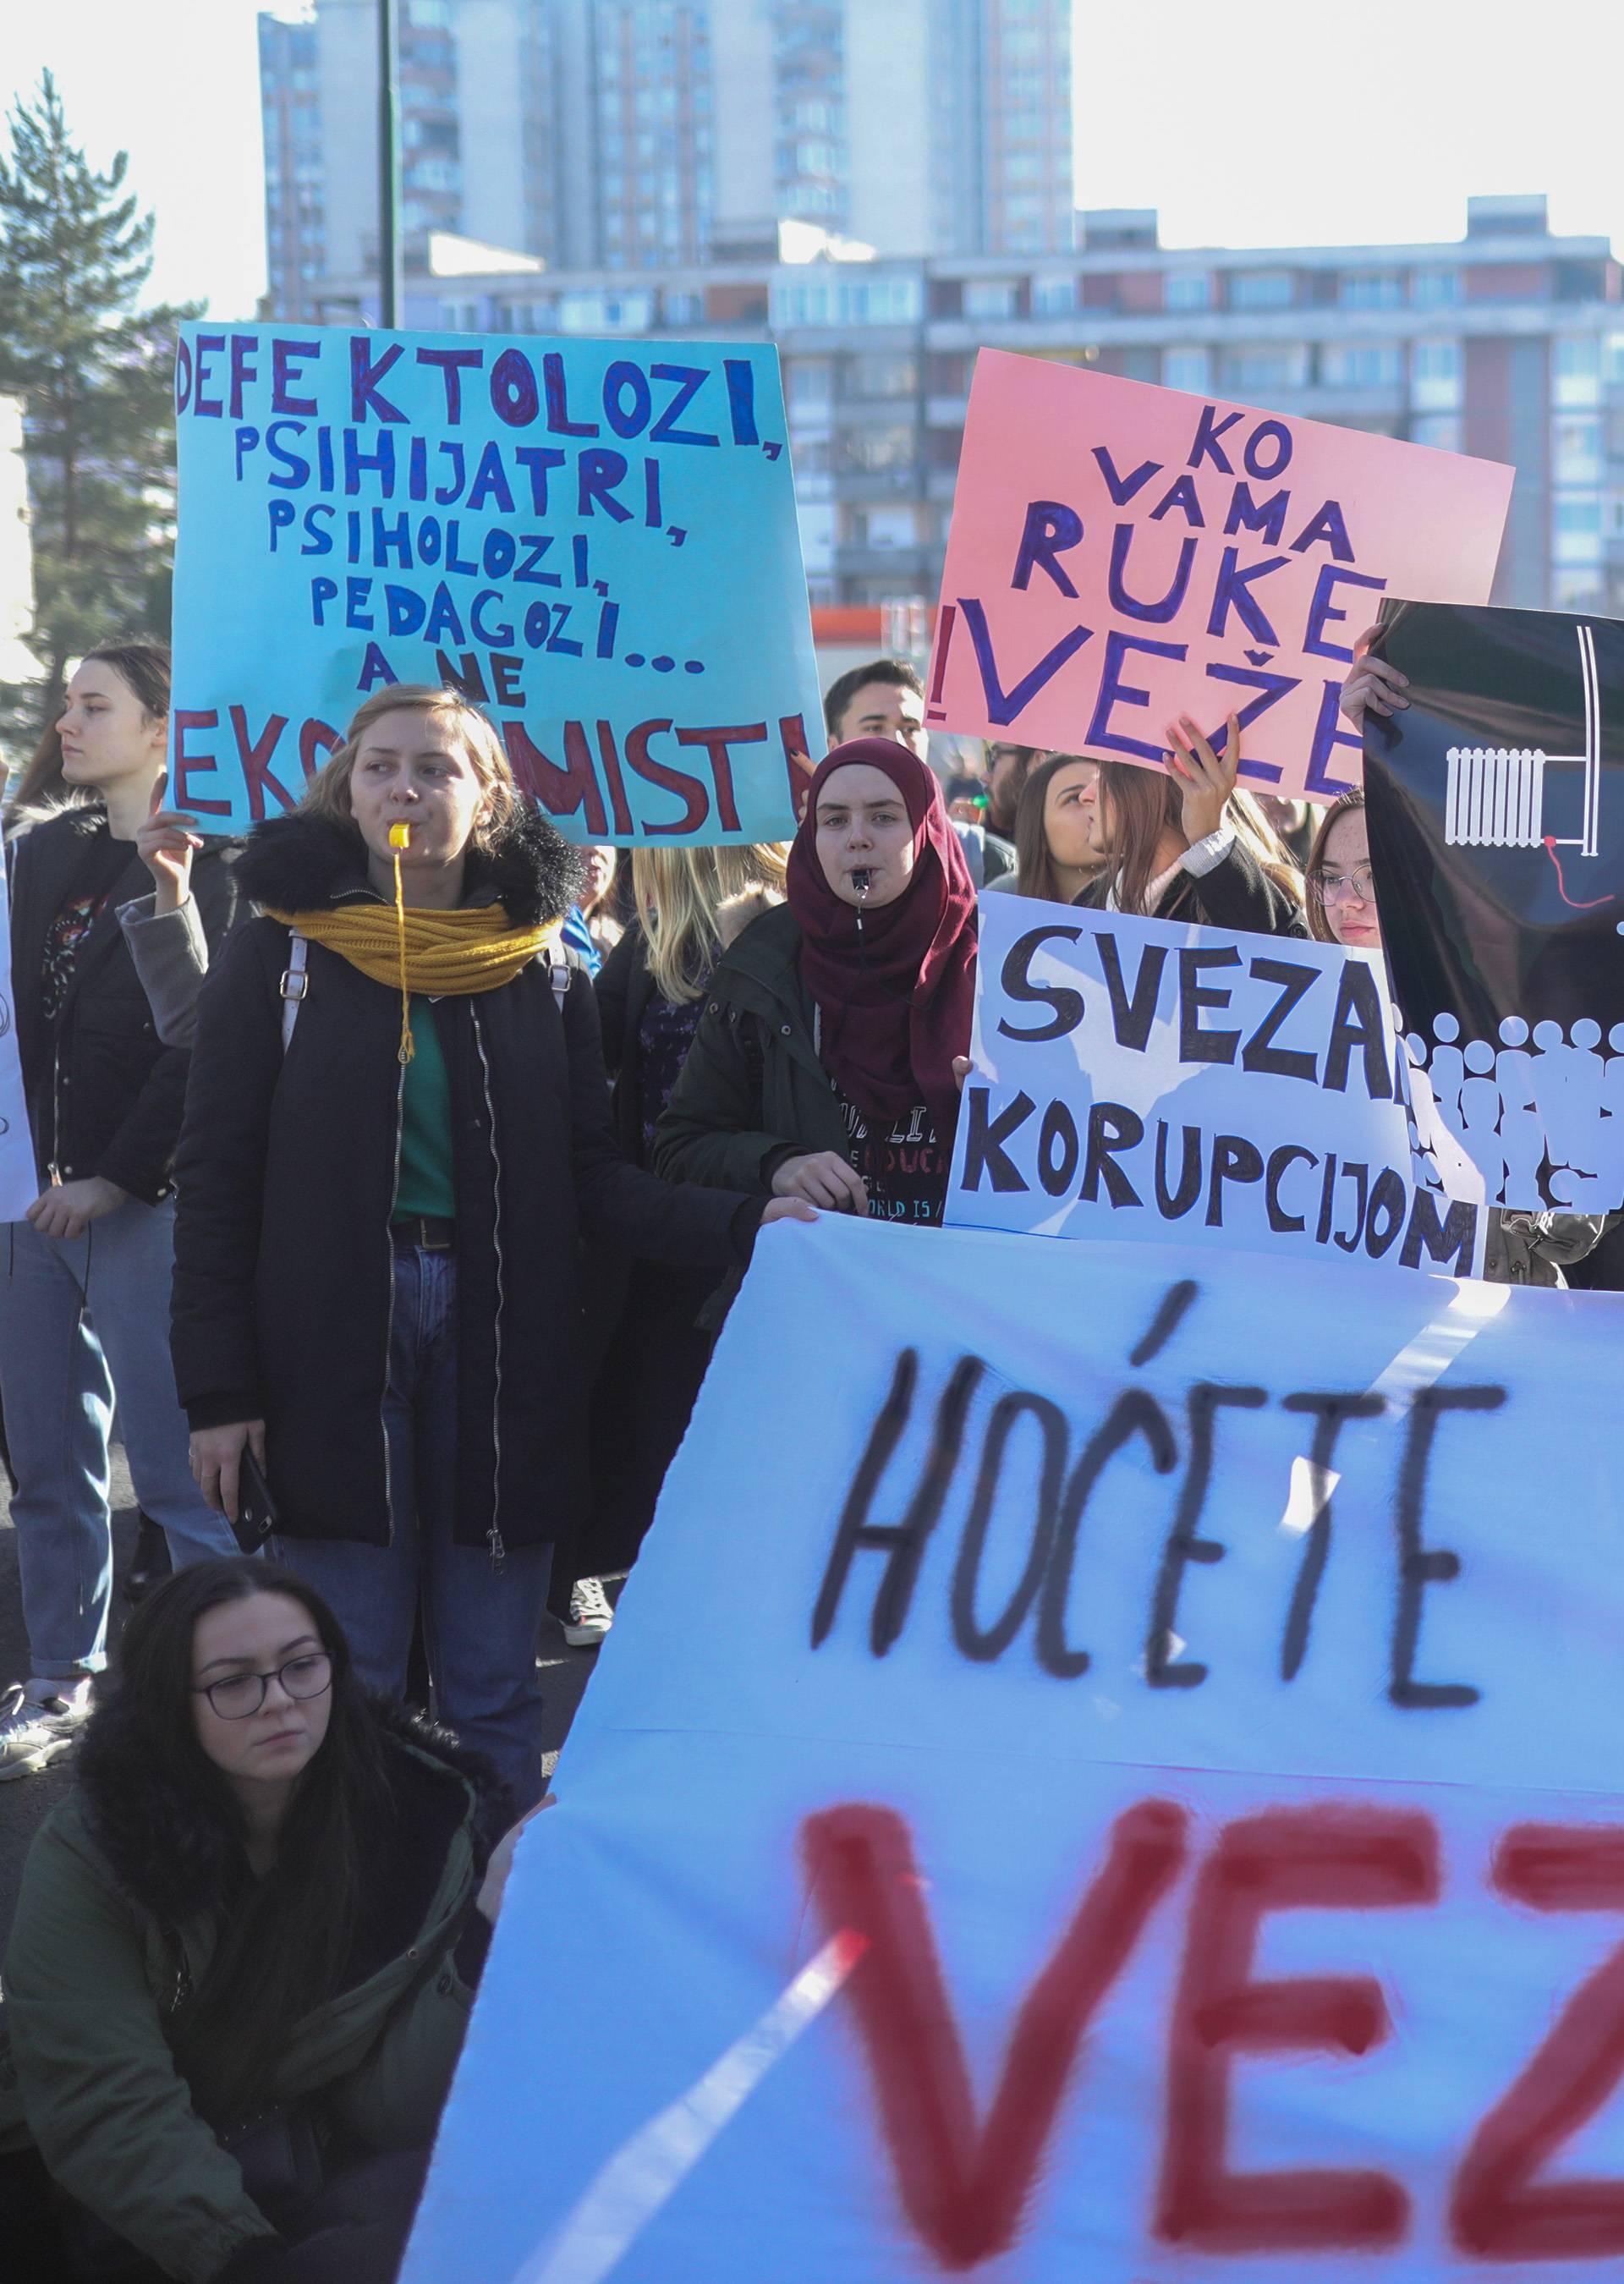 Sarajlije prosvjedovali i poručili vladi: 'Hoćete li i nas vezati?'